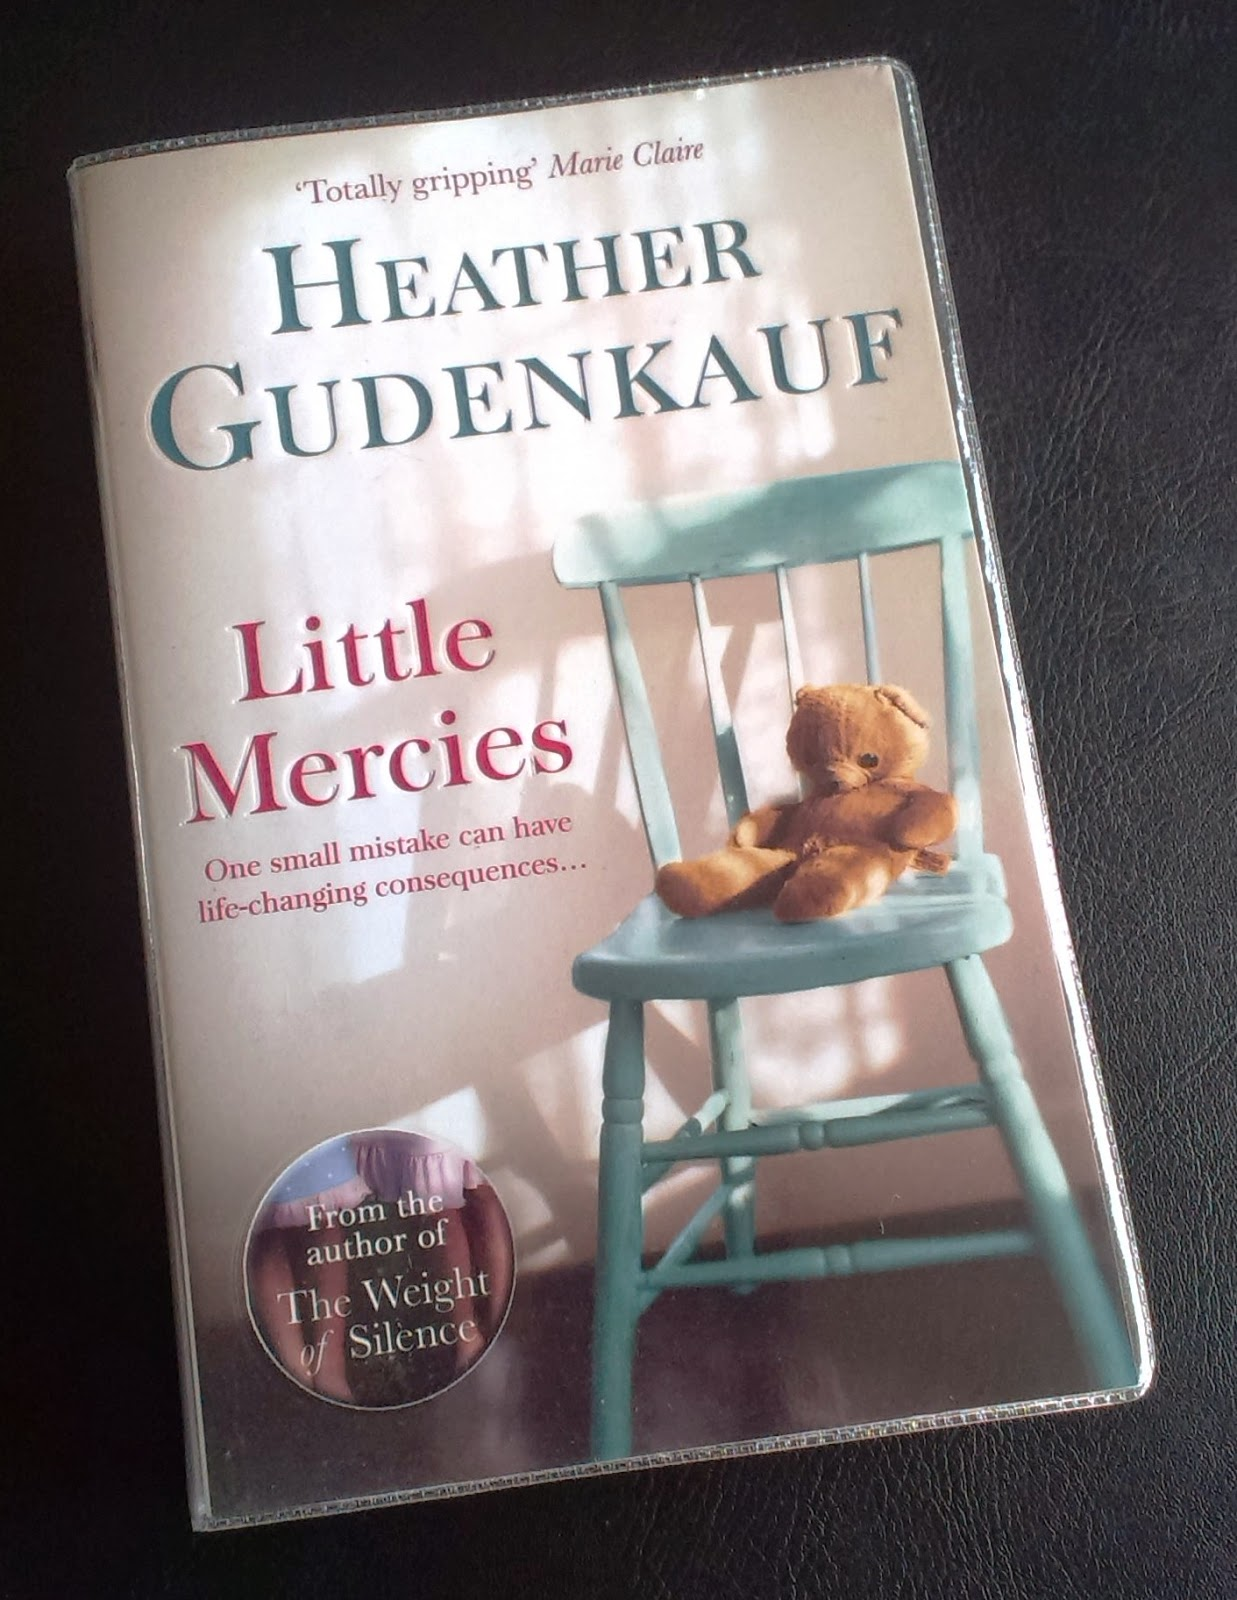 Little Mercies by Heather Gudenkauf